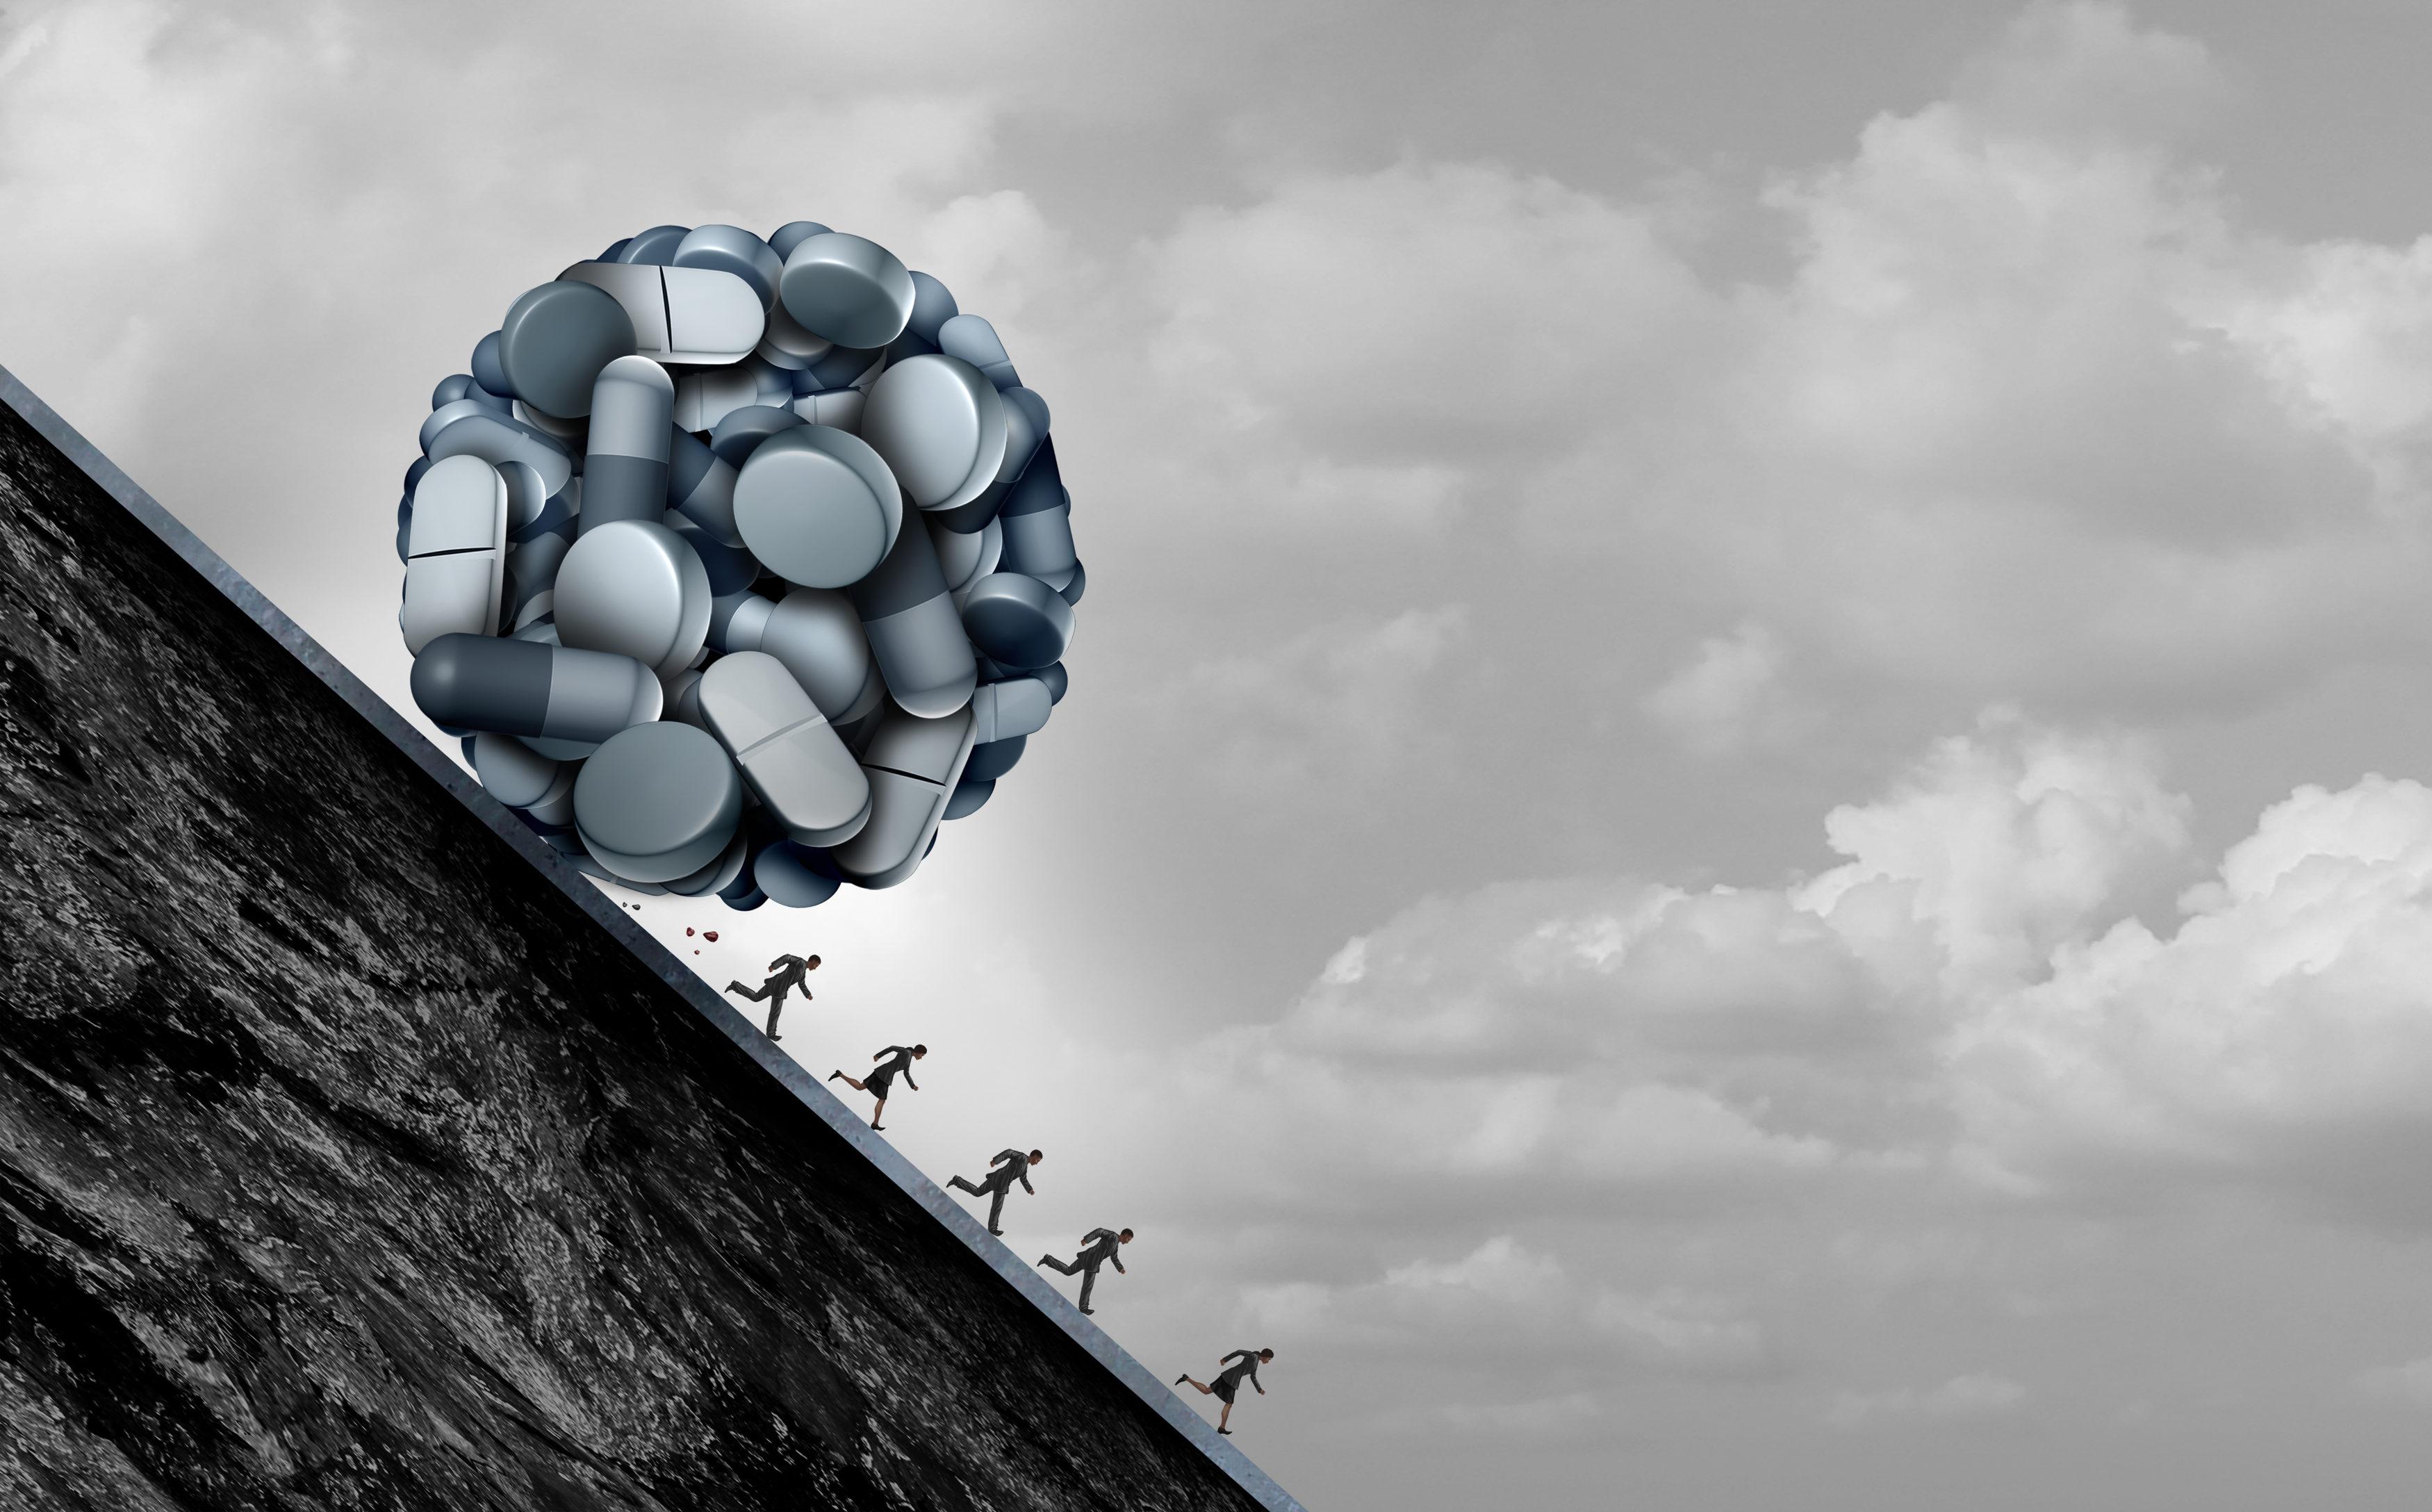 opioid-crisis-2-3500x2176.jpeg